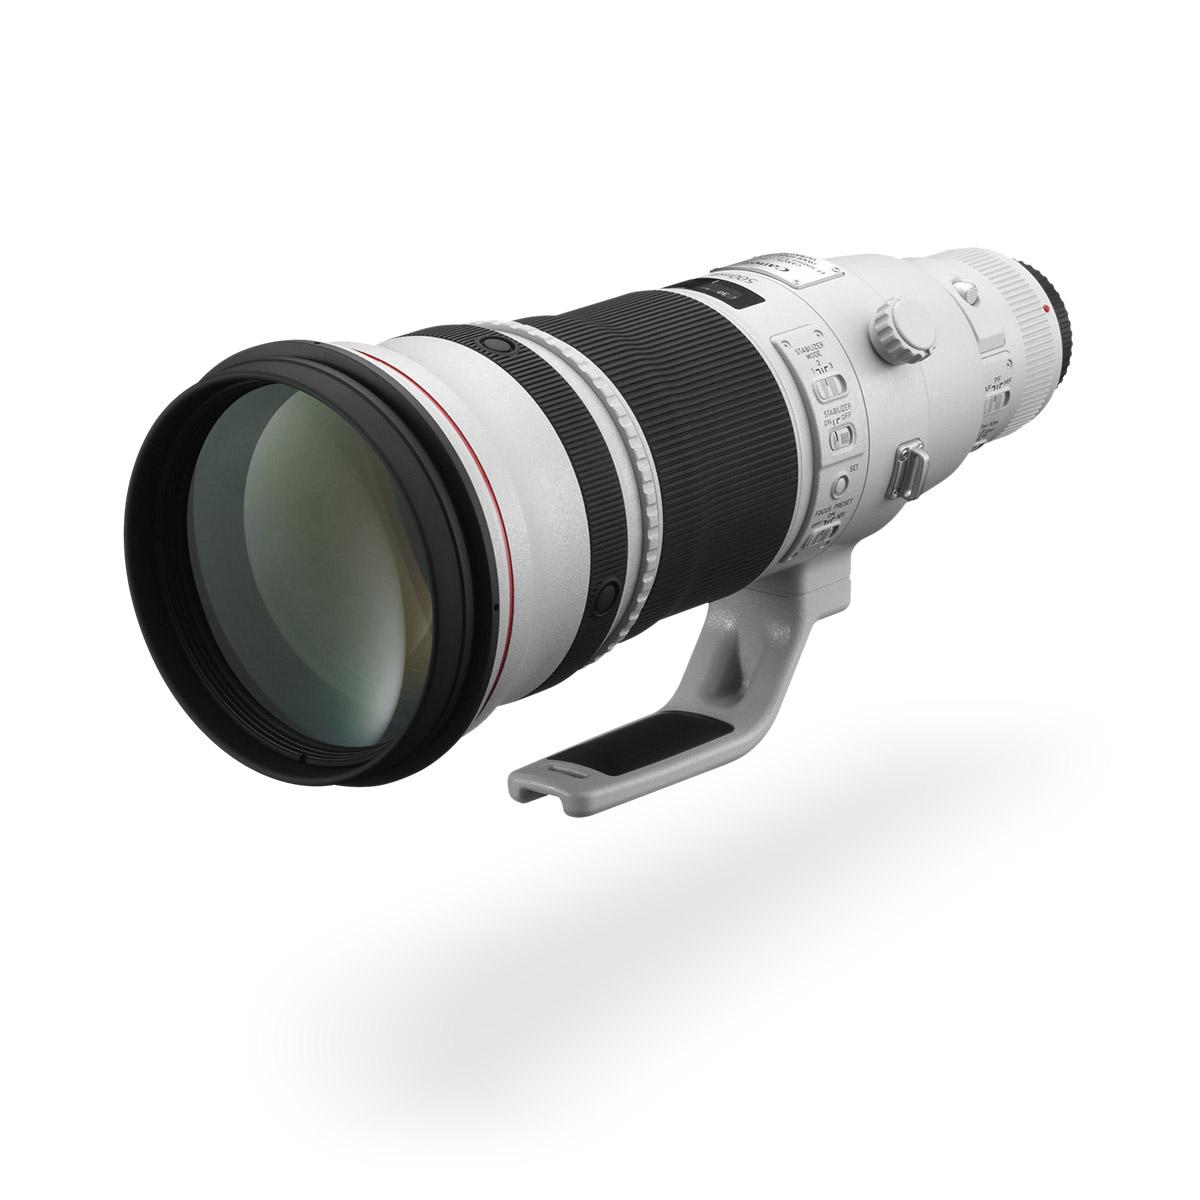 EF 500mm f/4L IS II USM lens